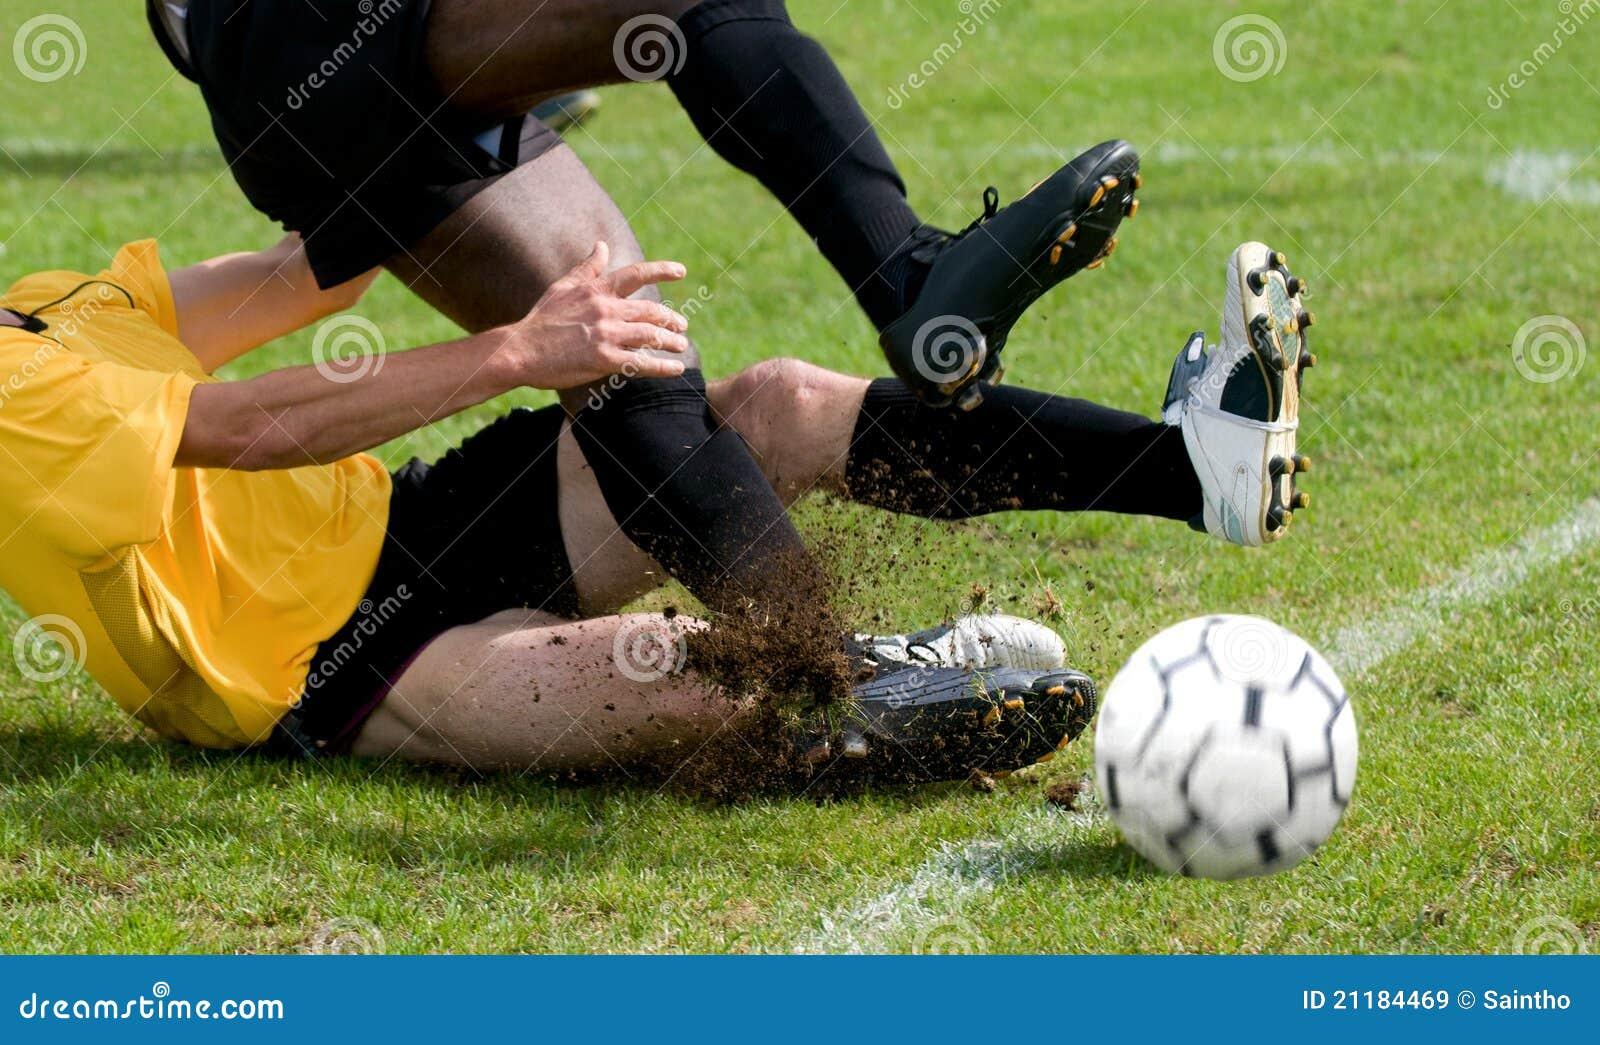 Tackle at football